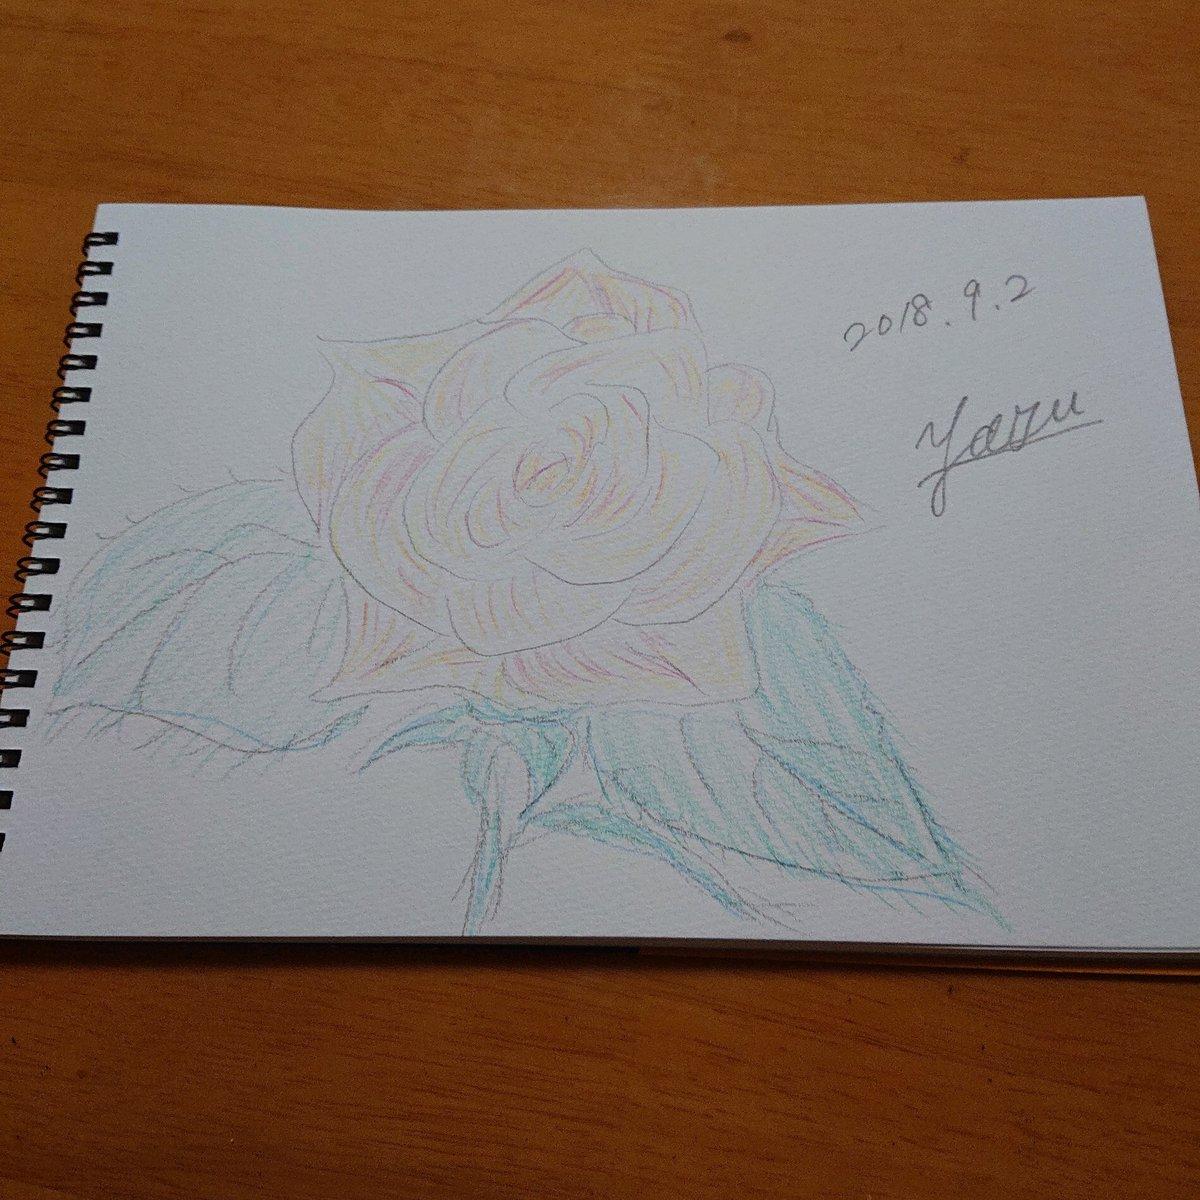 """test ツイッターメディア - 久しぶりに絵を描いた(^-^) 色鉛筆は、 #Seria の #にほんの色鉛筆 を使用。 淡い色合いが大好き?(´?`?) サインのスペルの書き方が変なのは・・・相変わらず(´-?-`;) #薔薇 大好き""""?""""?(*///?///*)?""""?"""" https://t.co/Qwx9CvDrdL"""